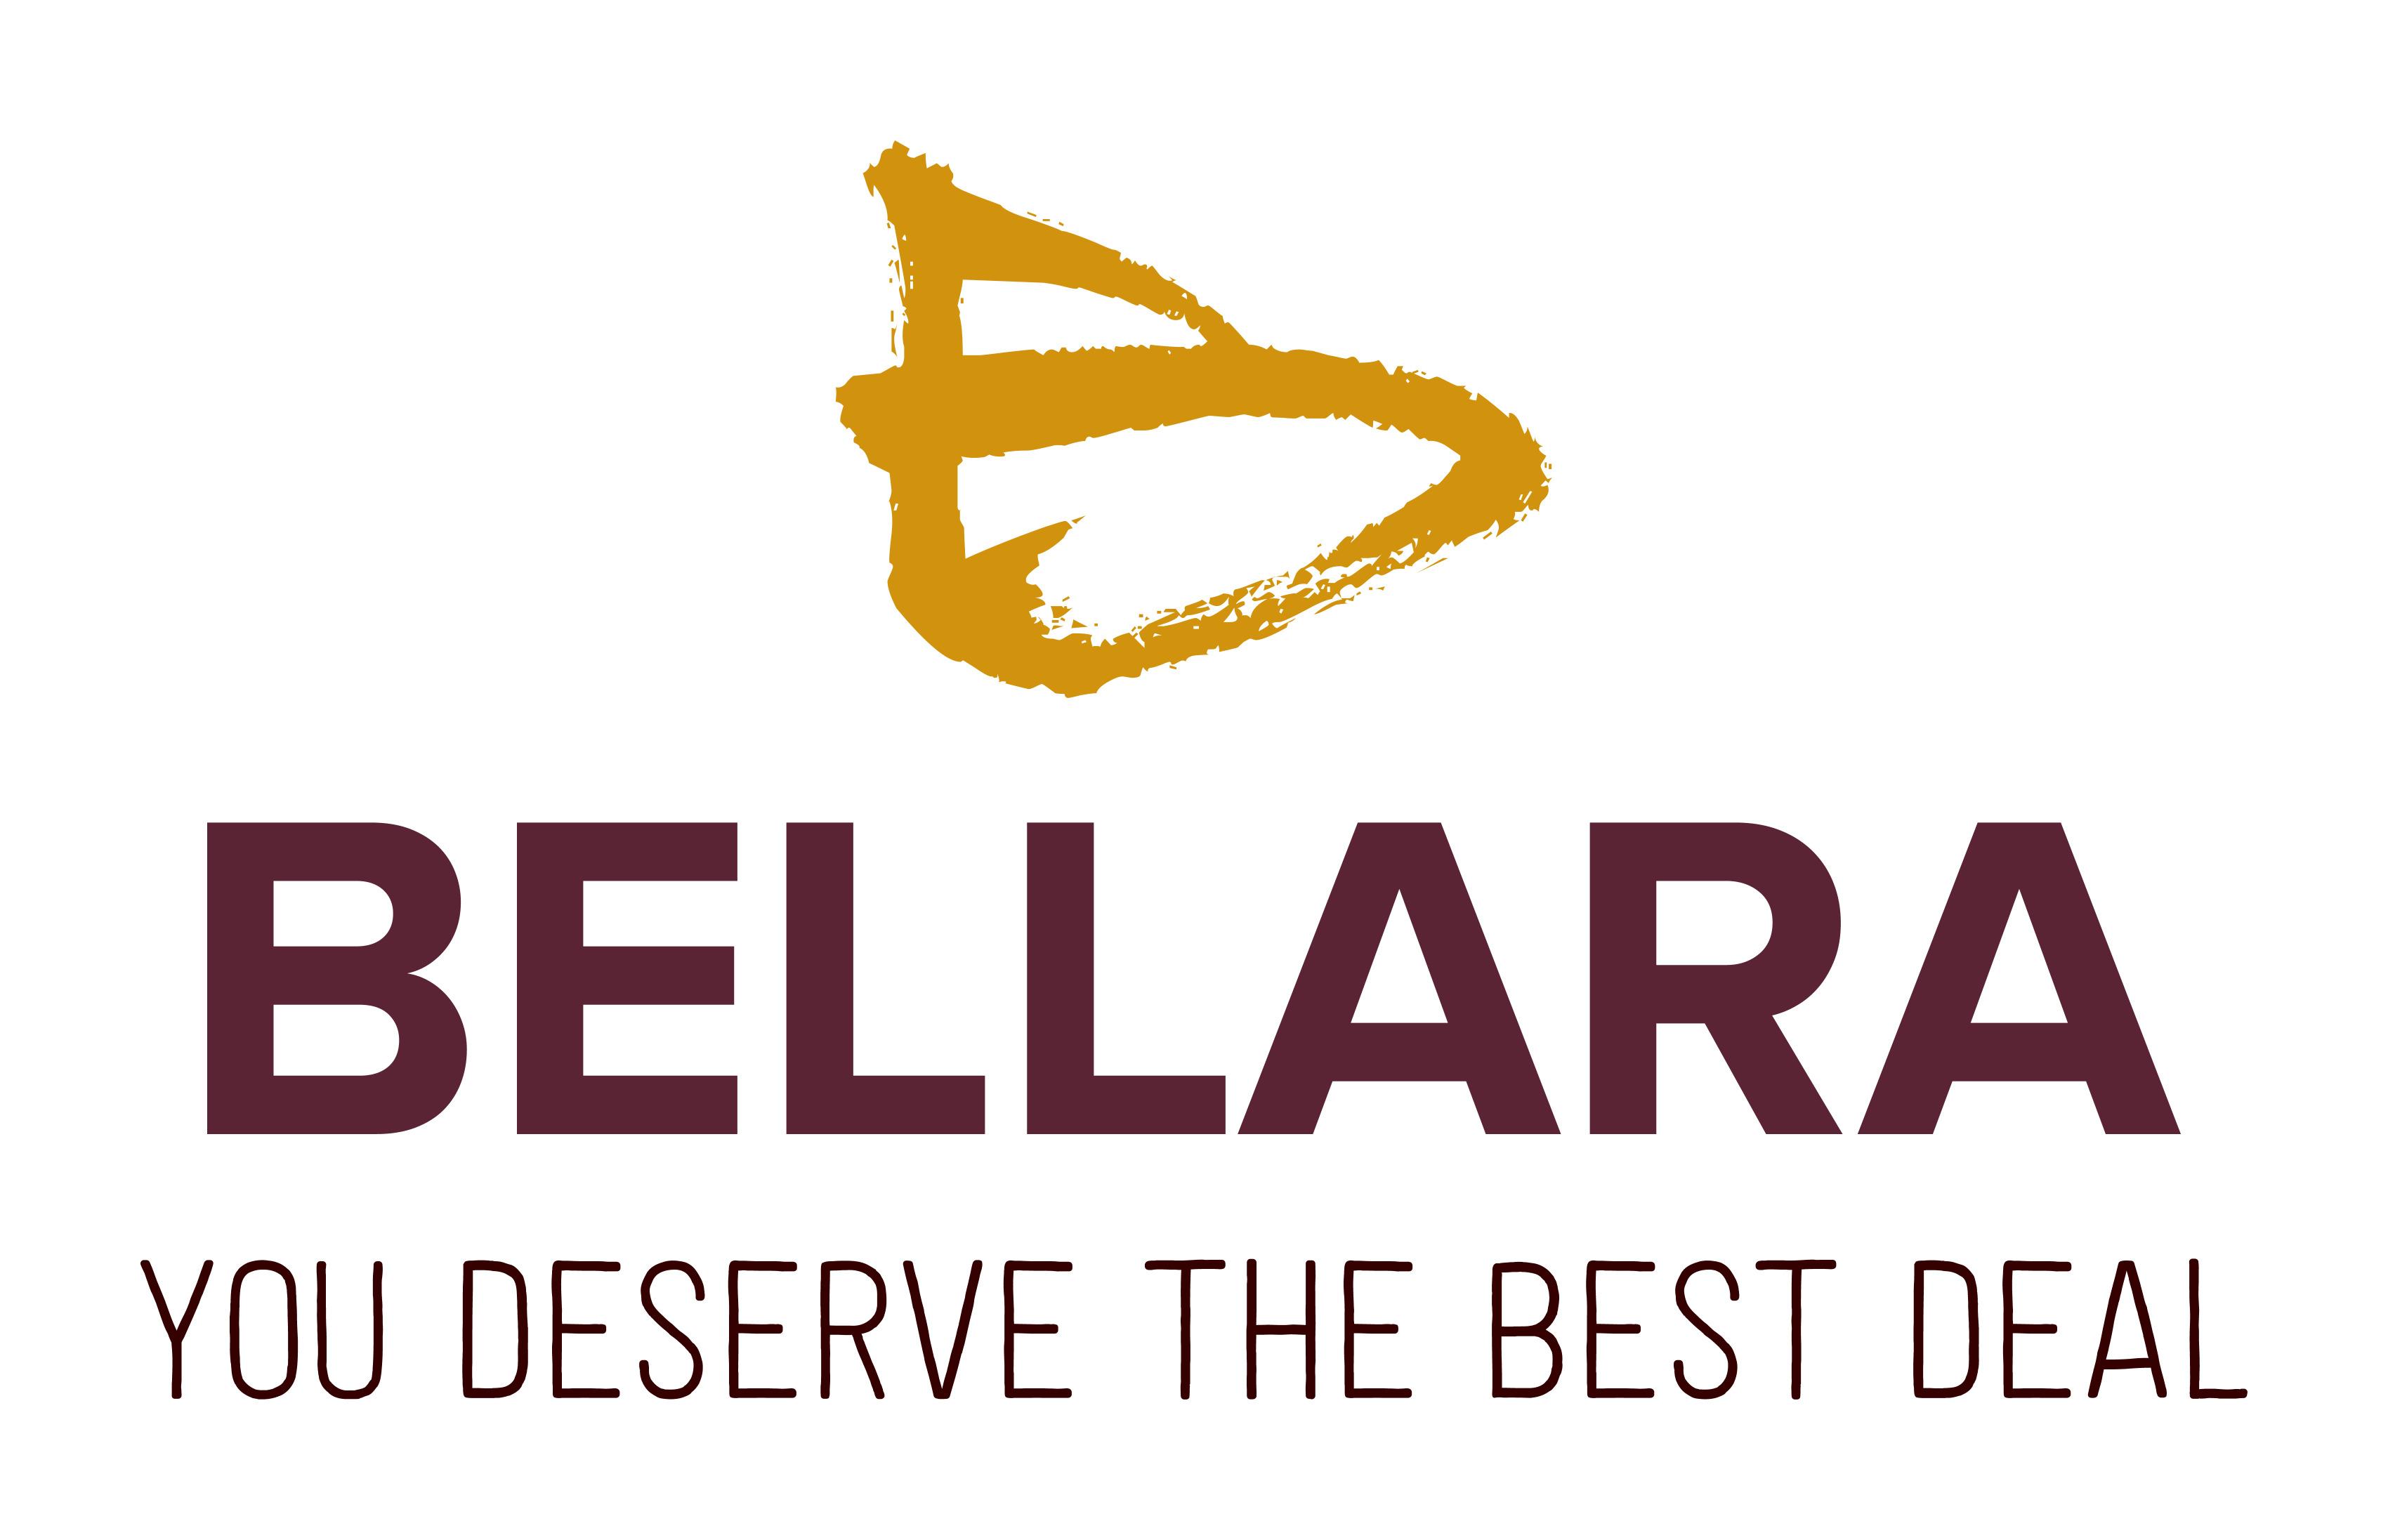 Bellara